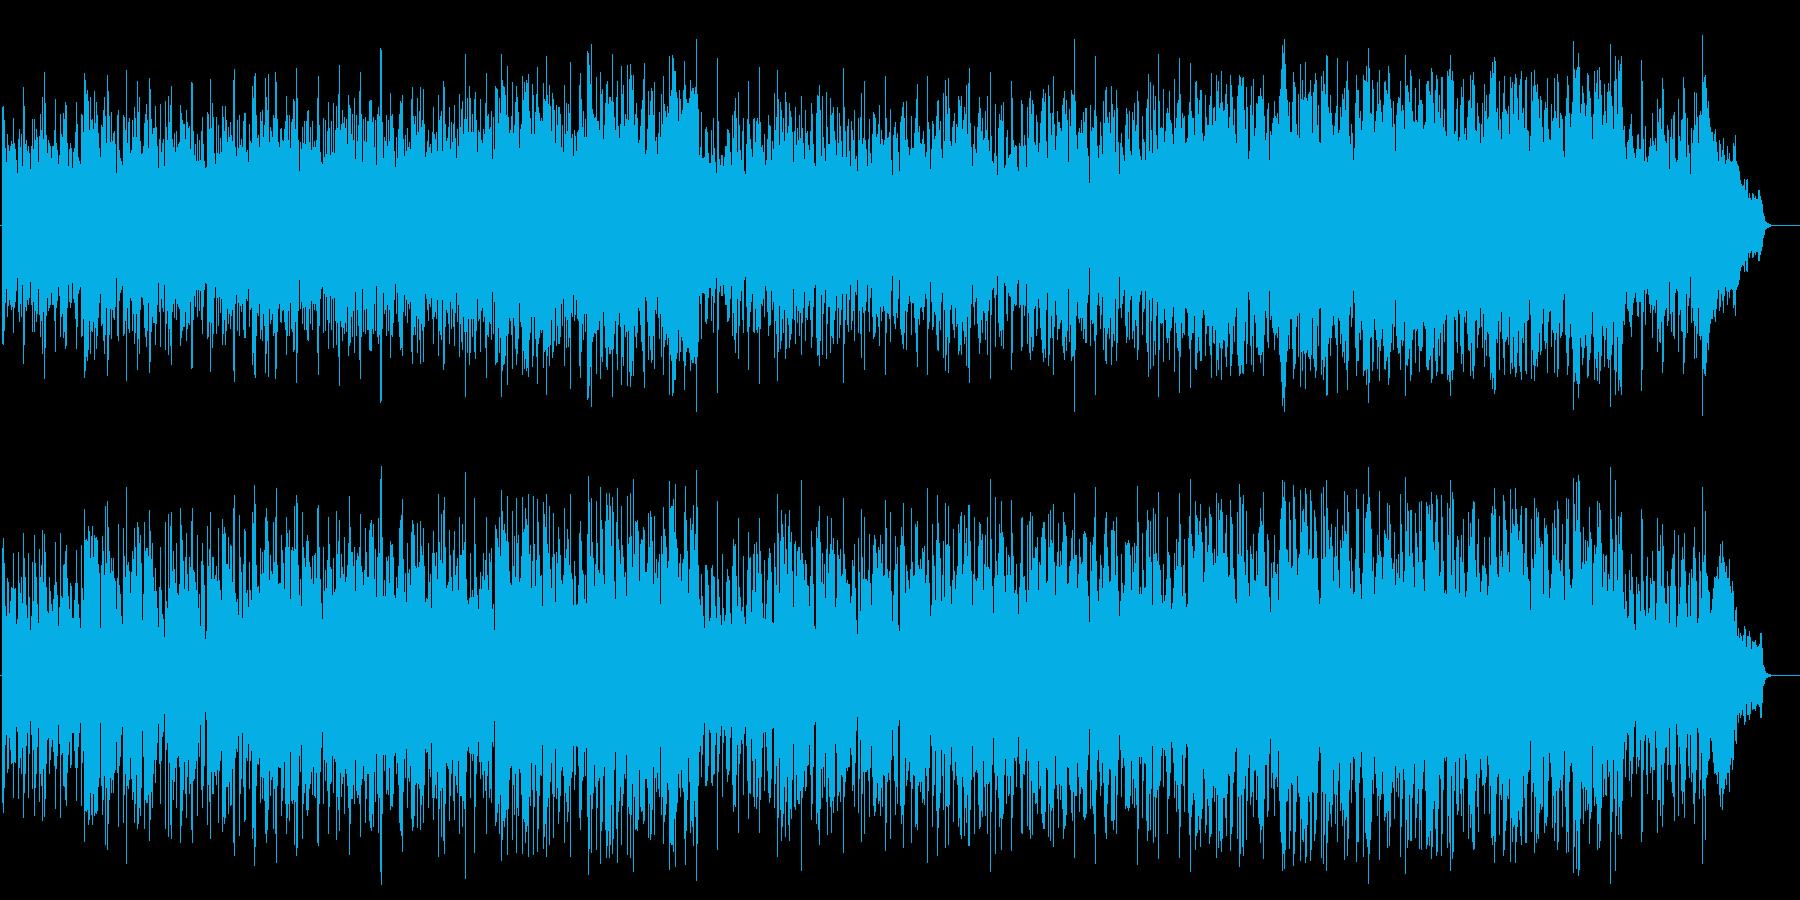 愛を語らうライトバラード(フルサイズ)の再生済みの波形